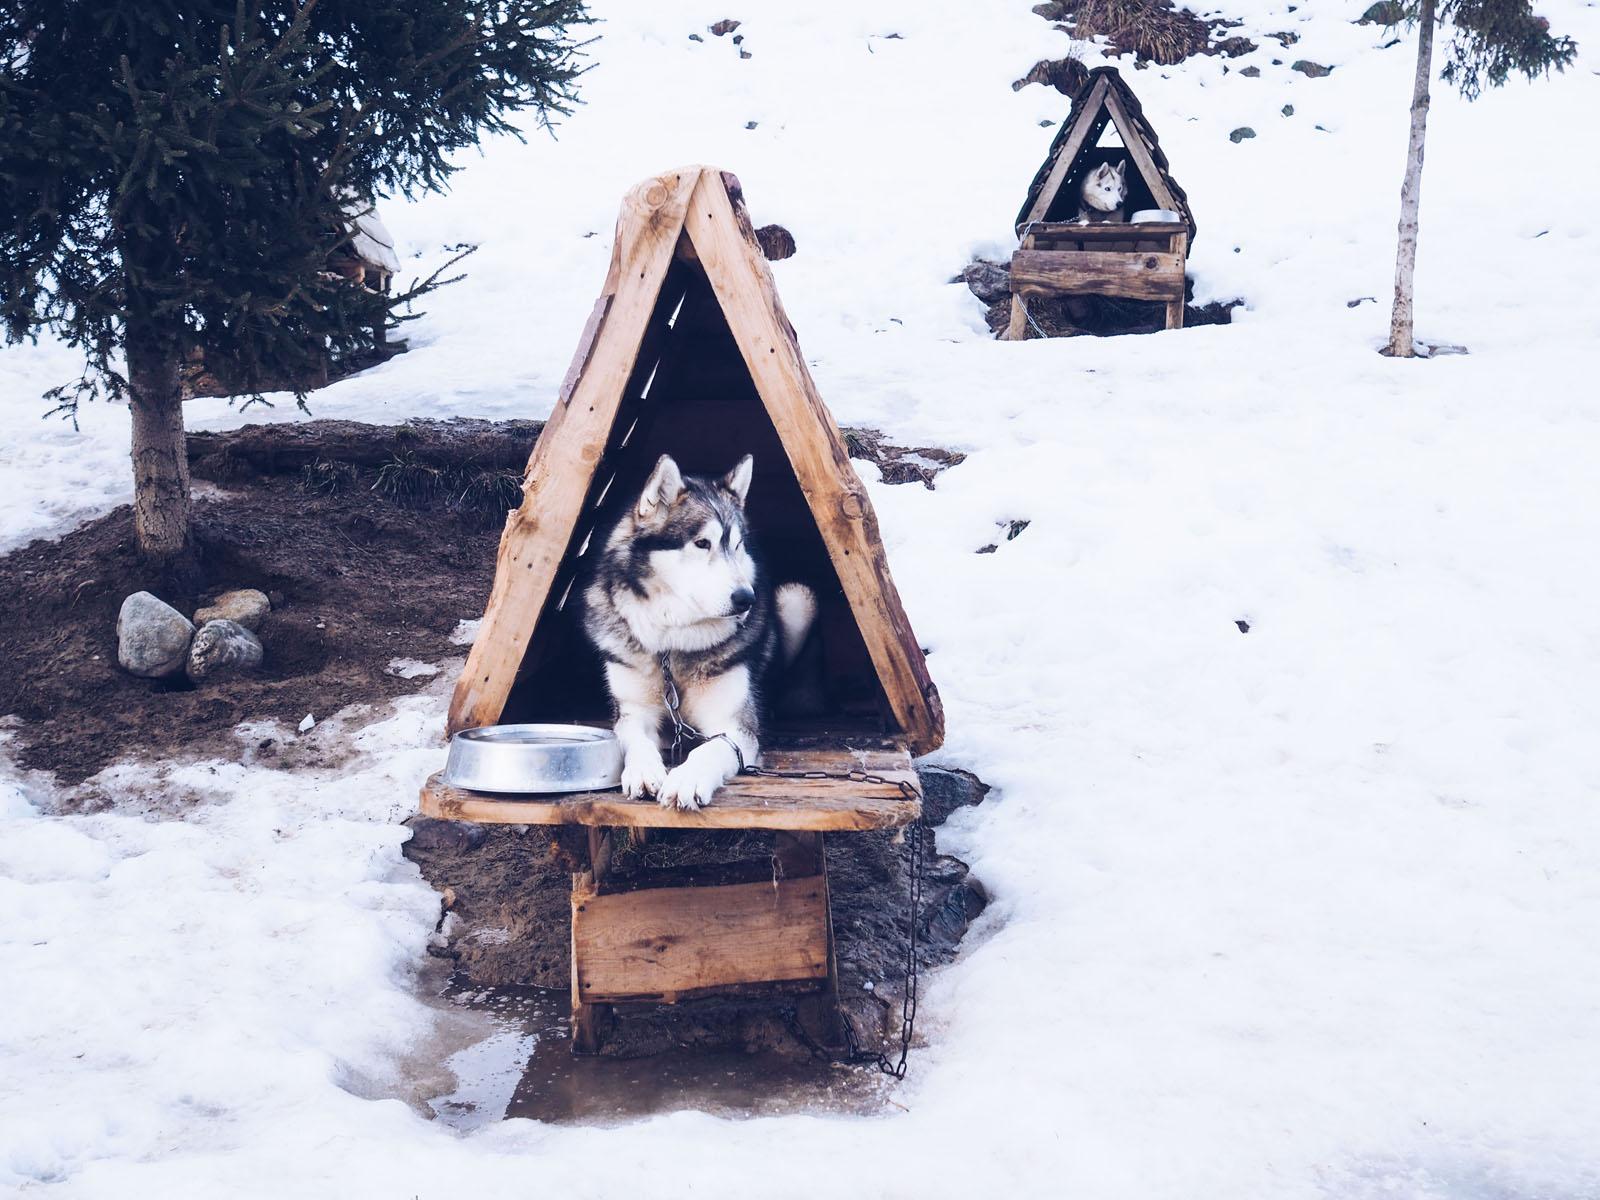 Vacances au ski en famille Hautes Pyrenees bonnes adresses hotel station l La Fiancee du Panda blog mariage et lifestyle-1048460